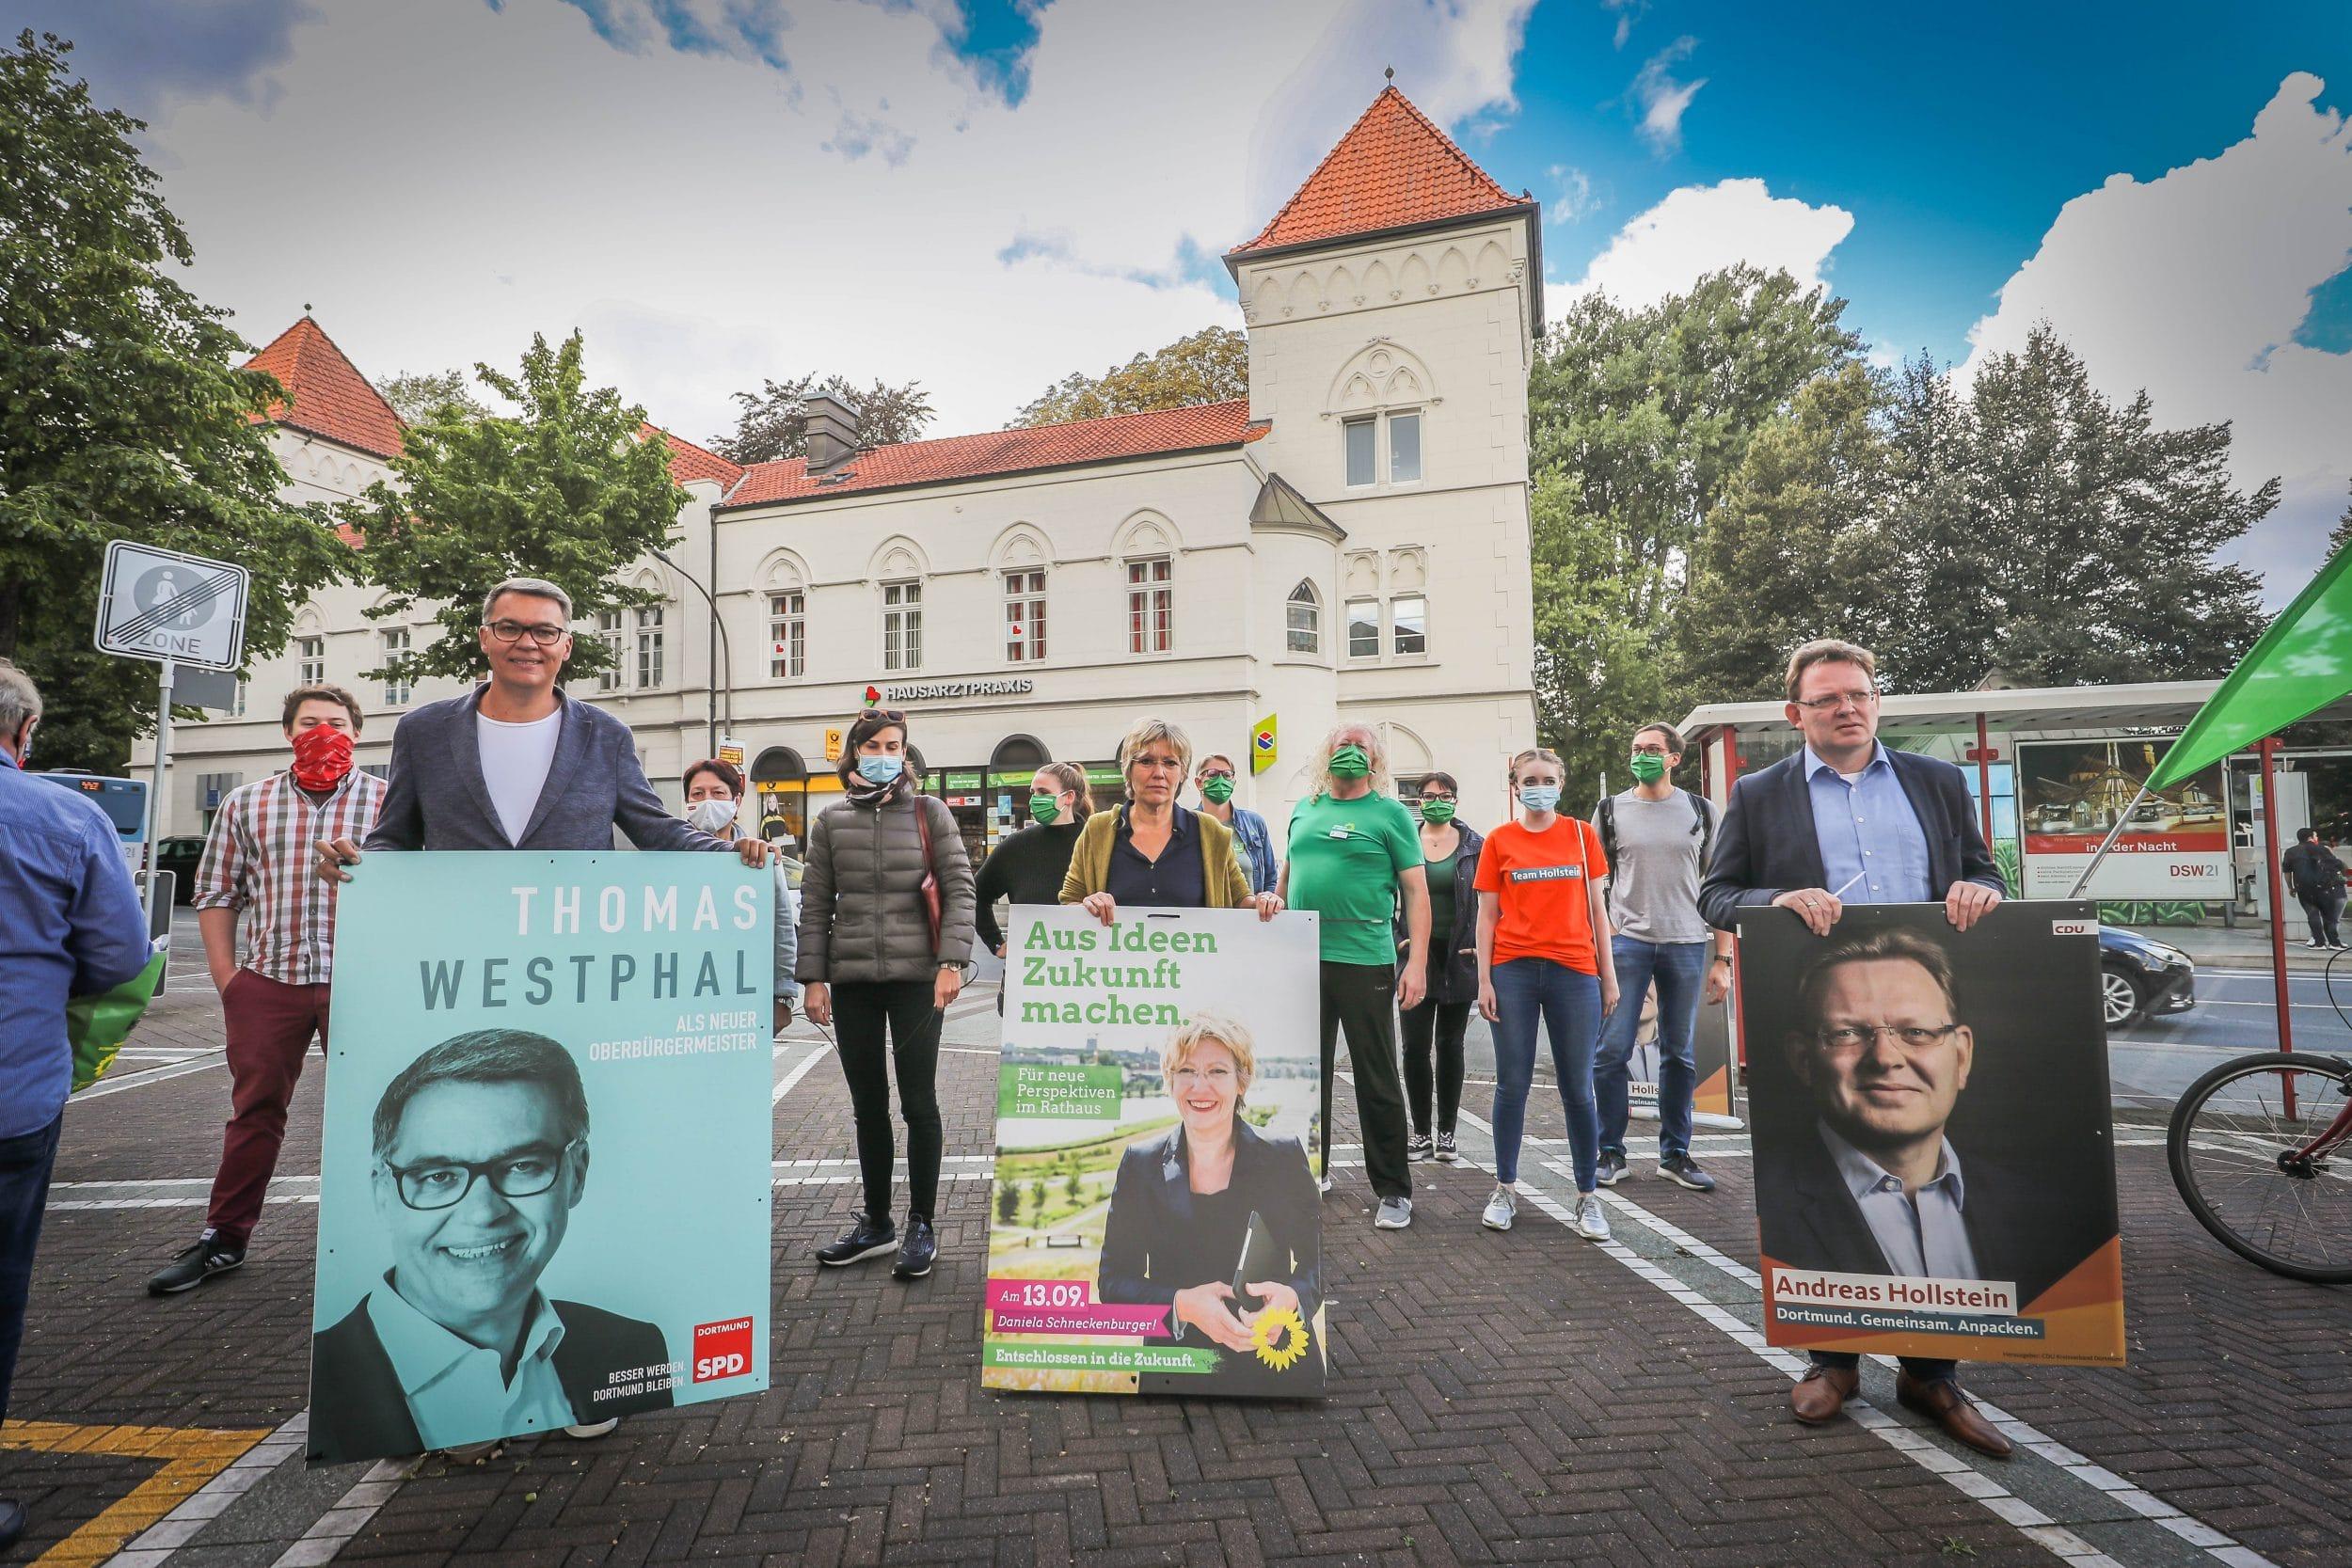 Die großflächige Inanspruchnahme von öffentlichem Raum durch rechte Plakate im Umfeld des Dorstfelder Wilhelmplatzes wollten Thomas Westphal (SPD), Daniela Schneckenburger (Grüne) und Andreas Hollstein (CDU, v. l.) nicht unbeantwortet lassen. (Foto: IN-StadtMagazine)